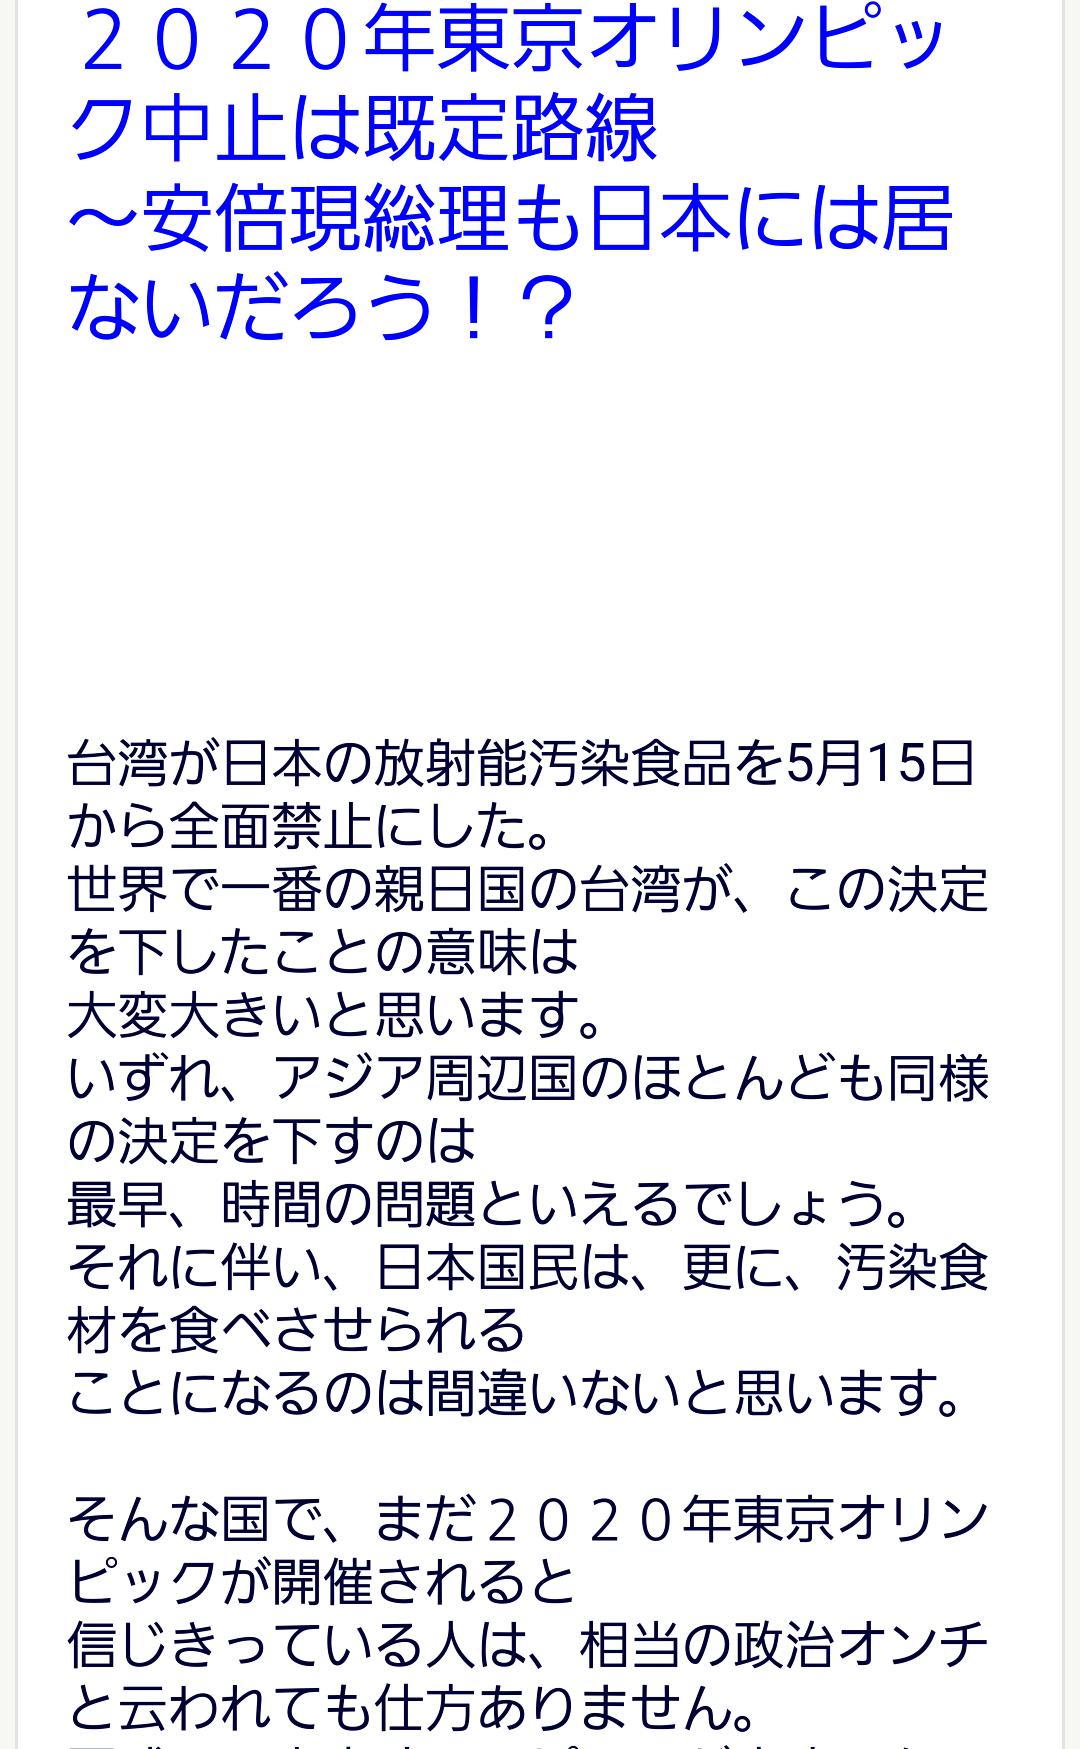 【東京五輪】招致で東京側が約1億6千万円支払いか 英紙報道 仏司法当局が国際陸連前会長捜査